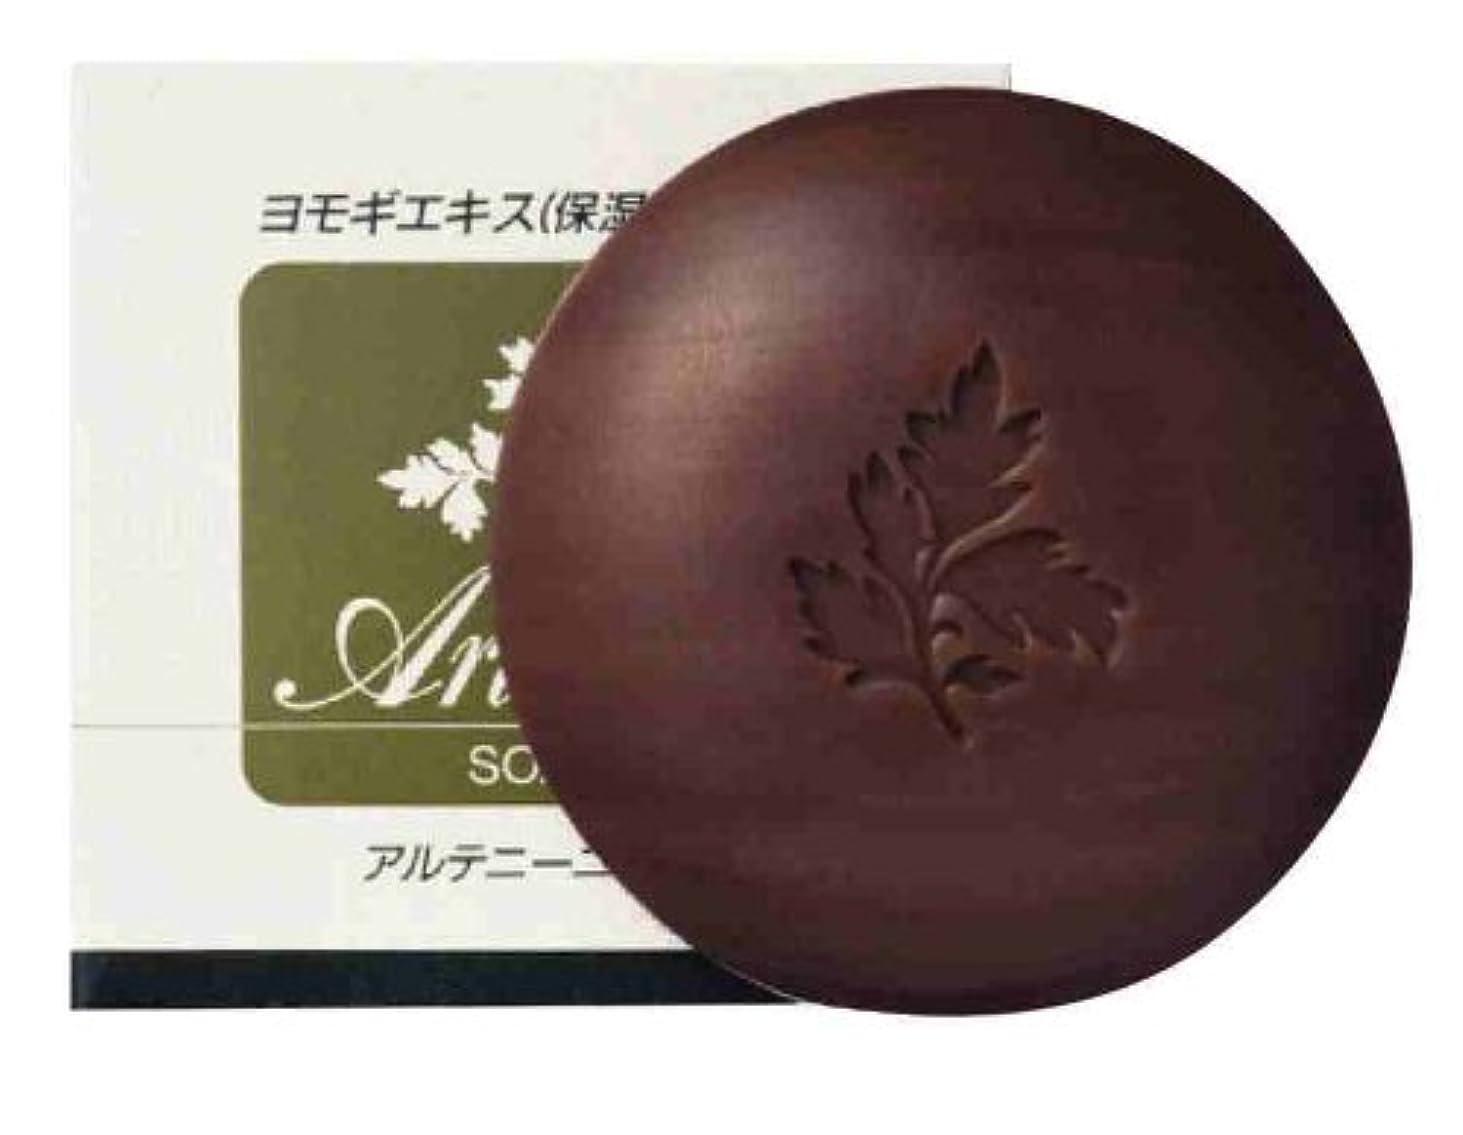 火山の印刷するファランクスアルテニーニ石鹸(ヨモギエキス配合)90g×2個セット